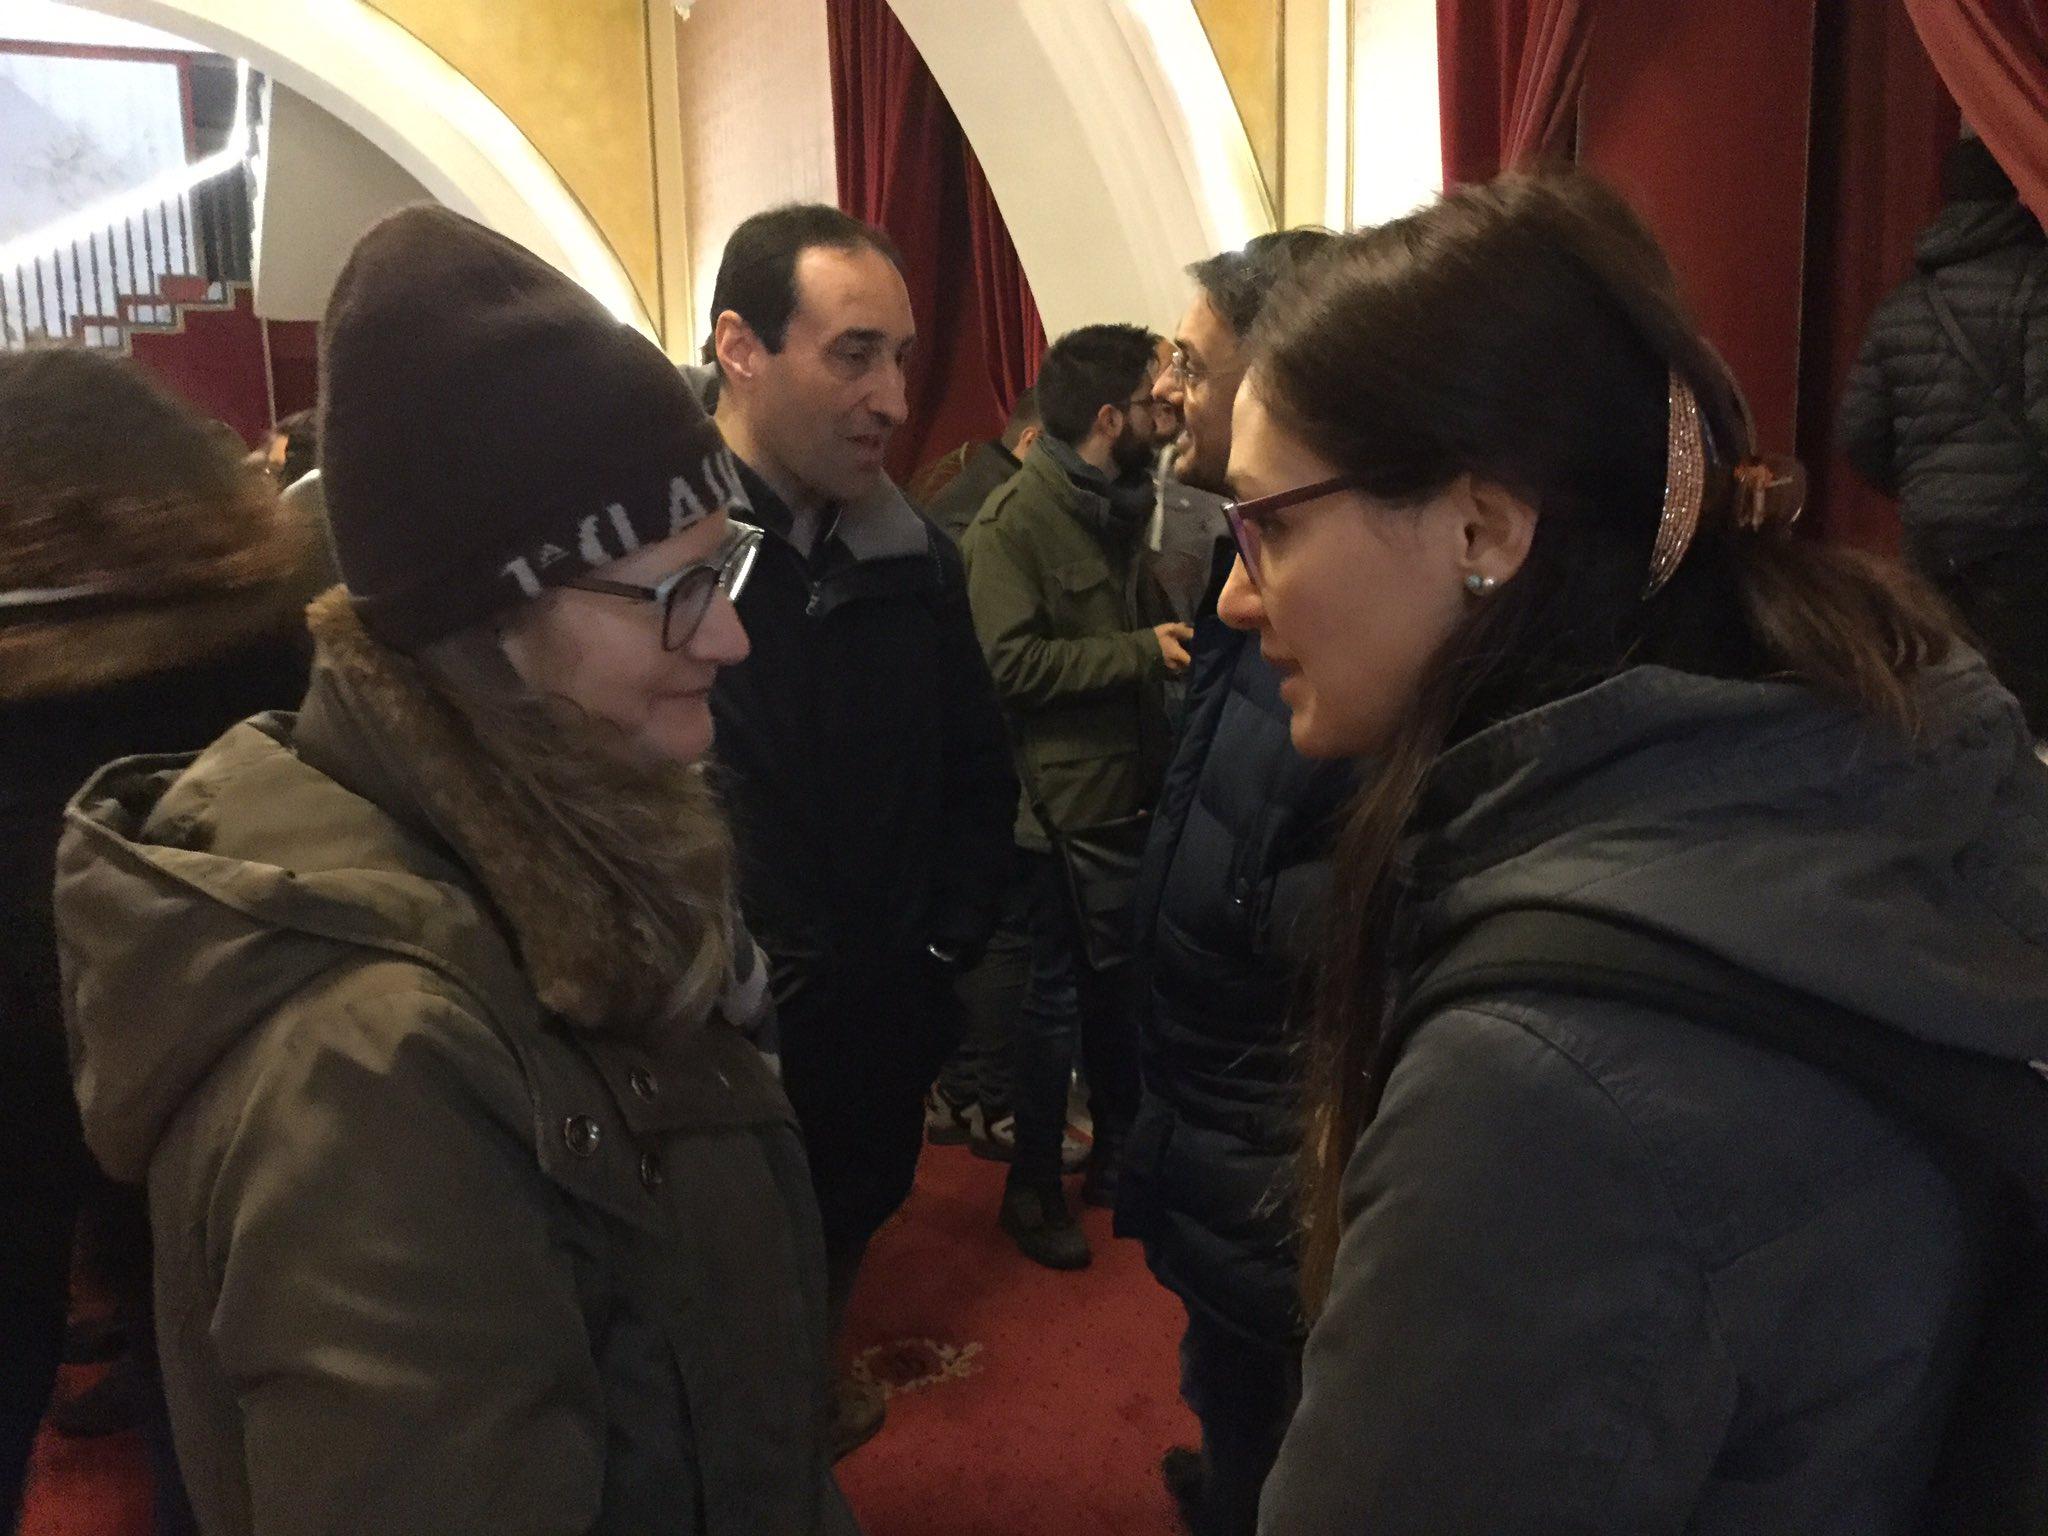 La delegazione @salesociale a incontro #SanMassimiliano #serviziocivile #LameziaTerme. @FraBonomo @LuigiBobba @Acli_nazionali @FOCSIV https://t.co/4XpN3cYCg2